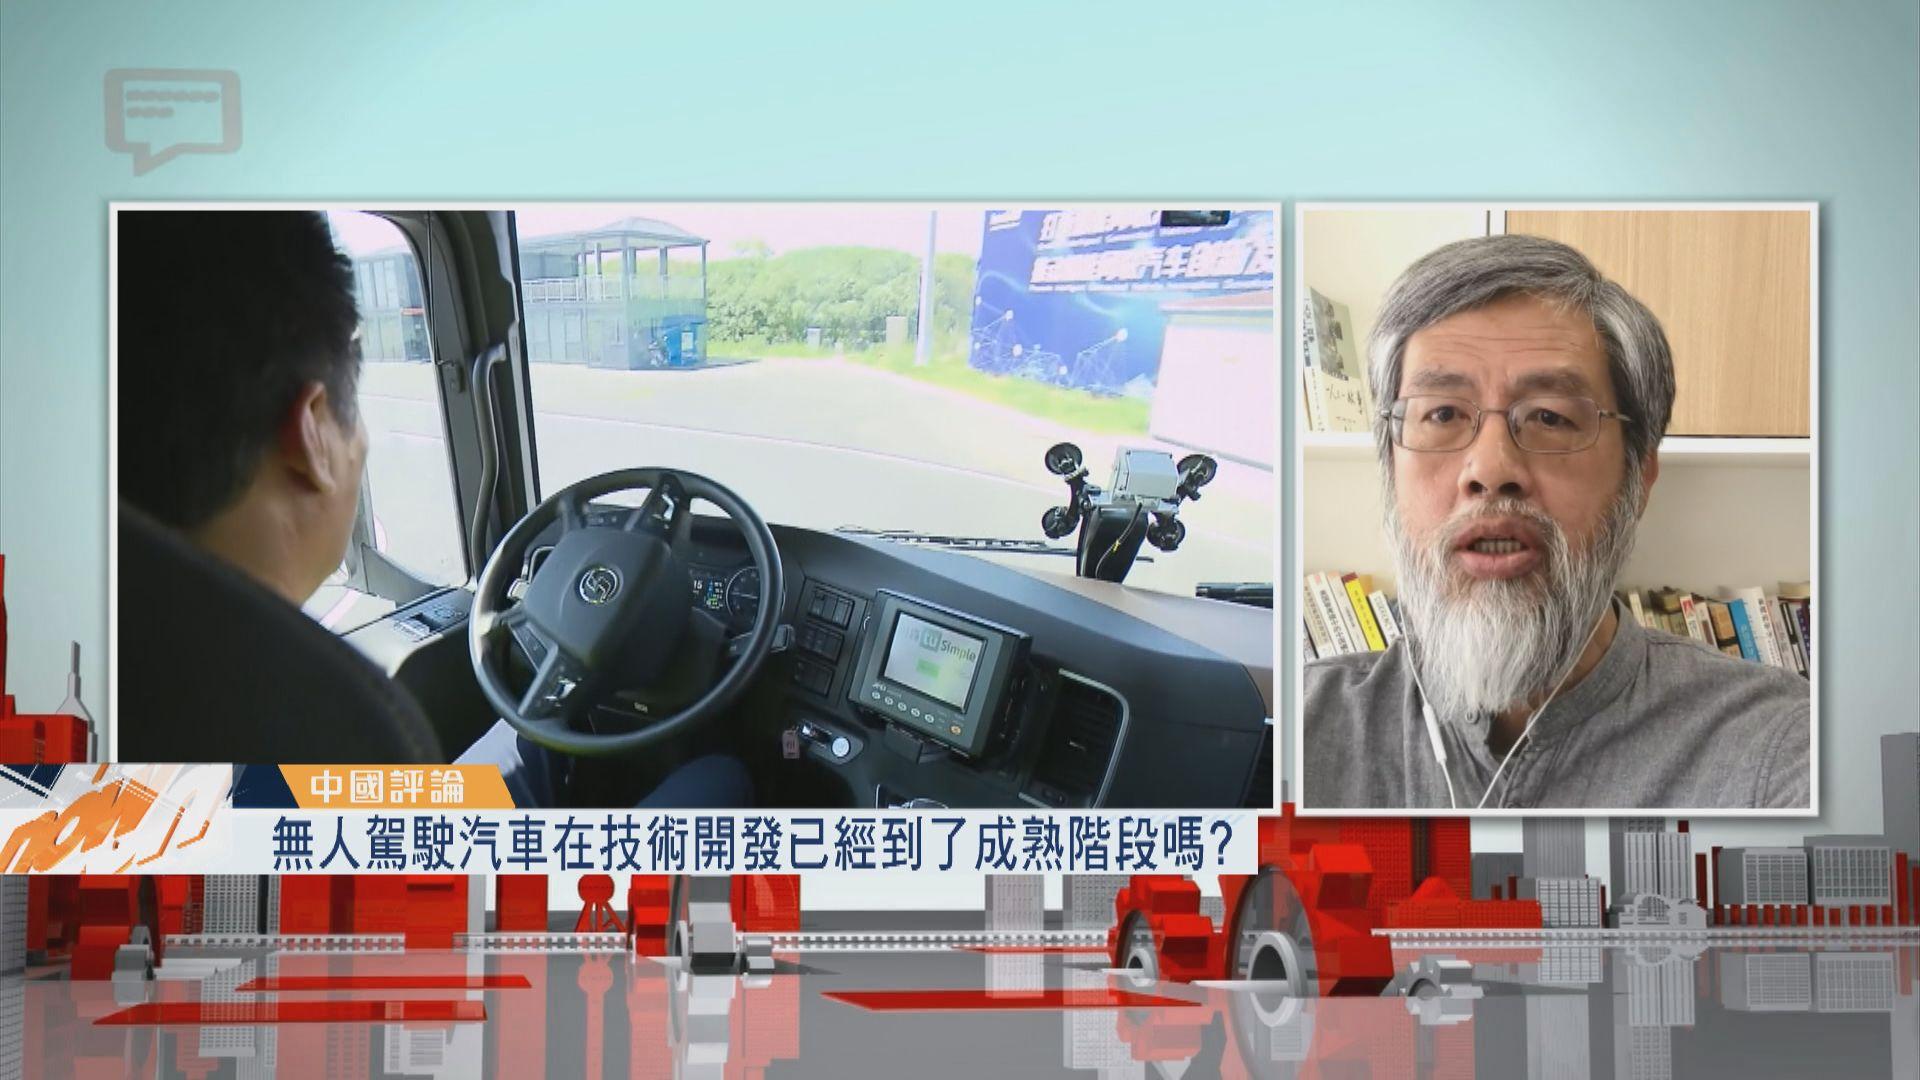 【中國評論】無人駕駛汽車獲准高速公路測試